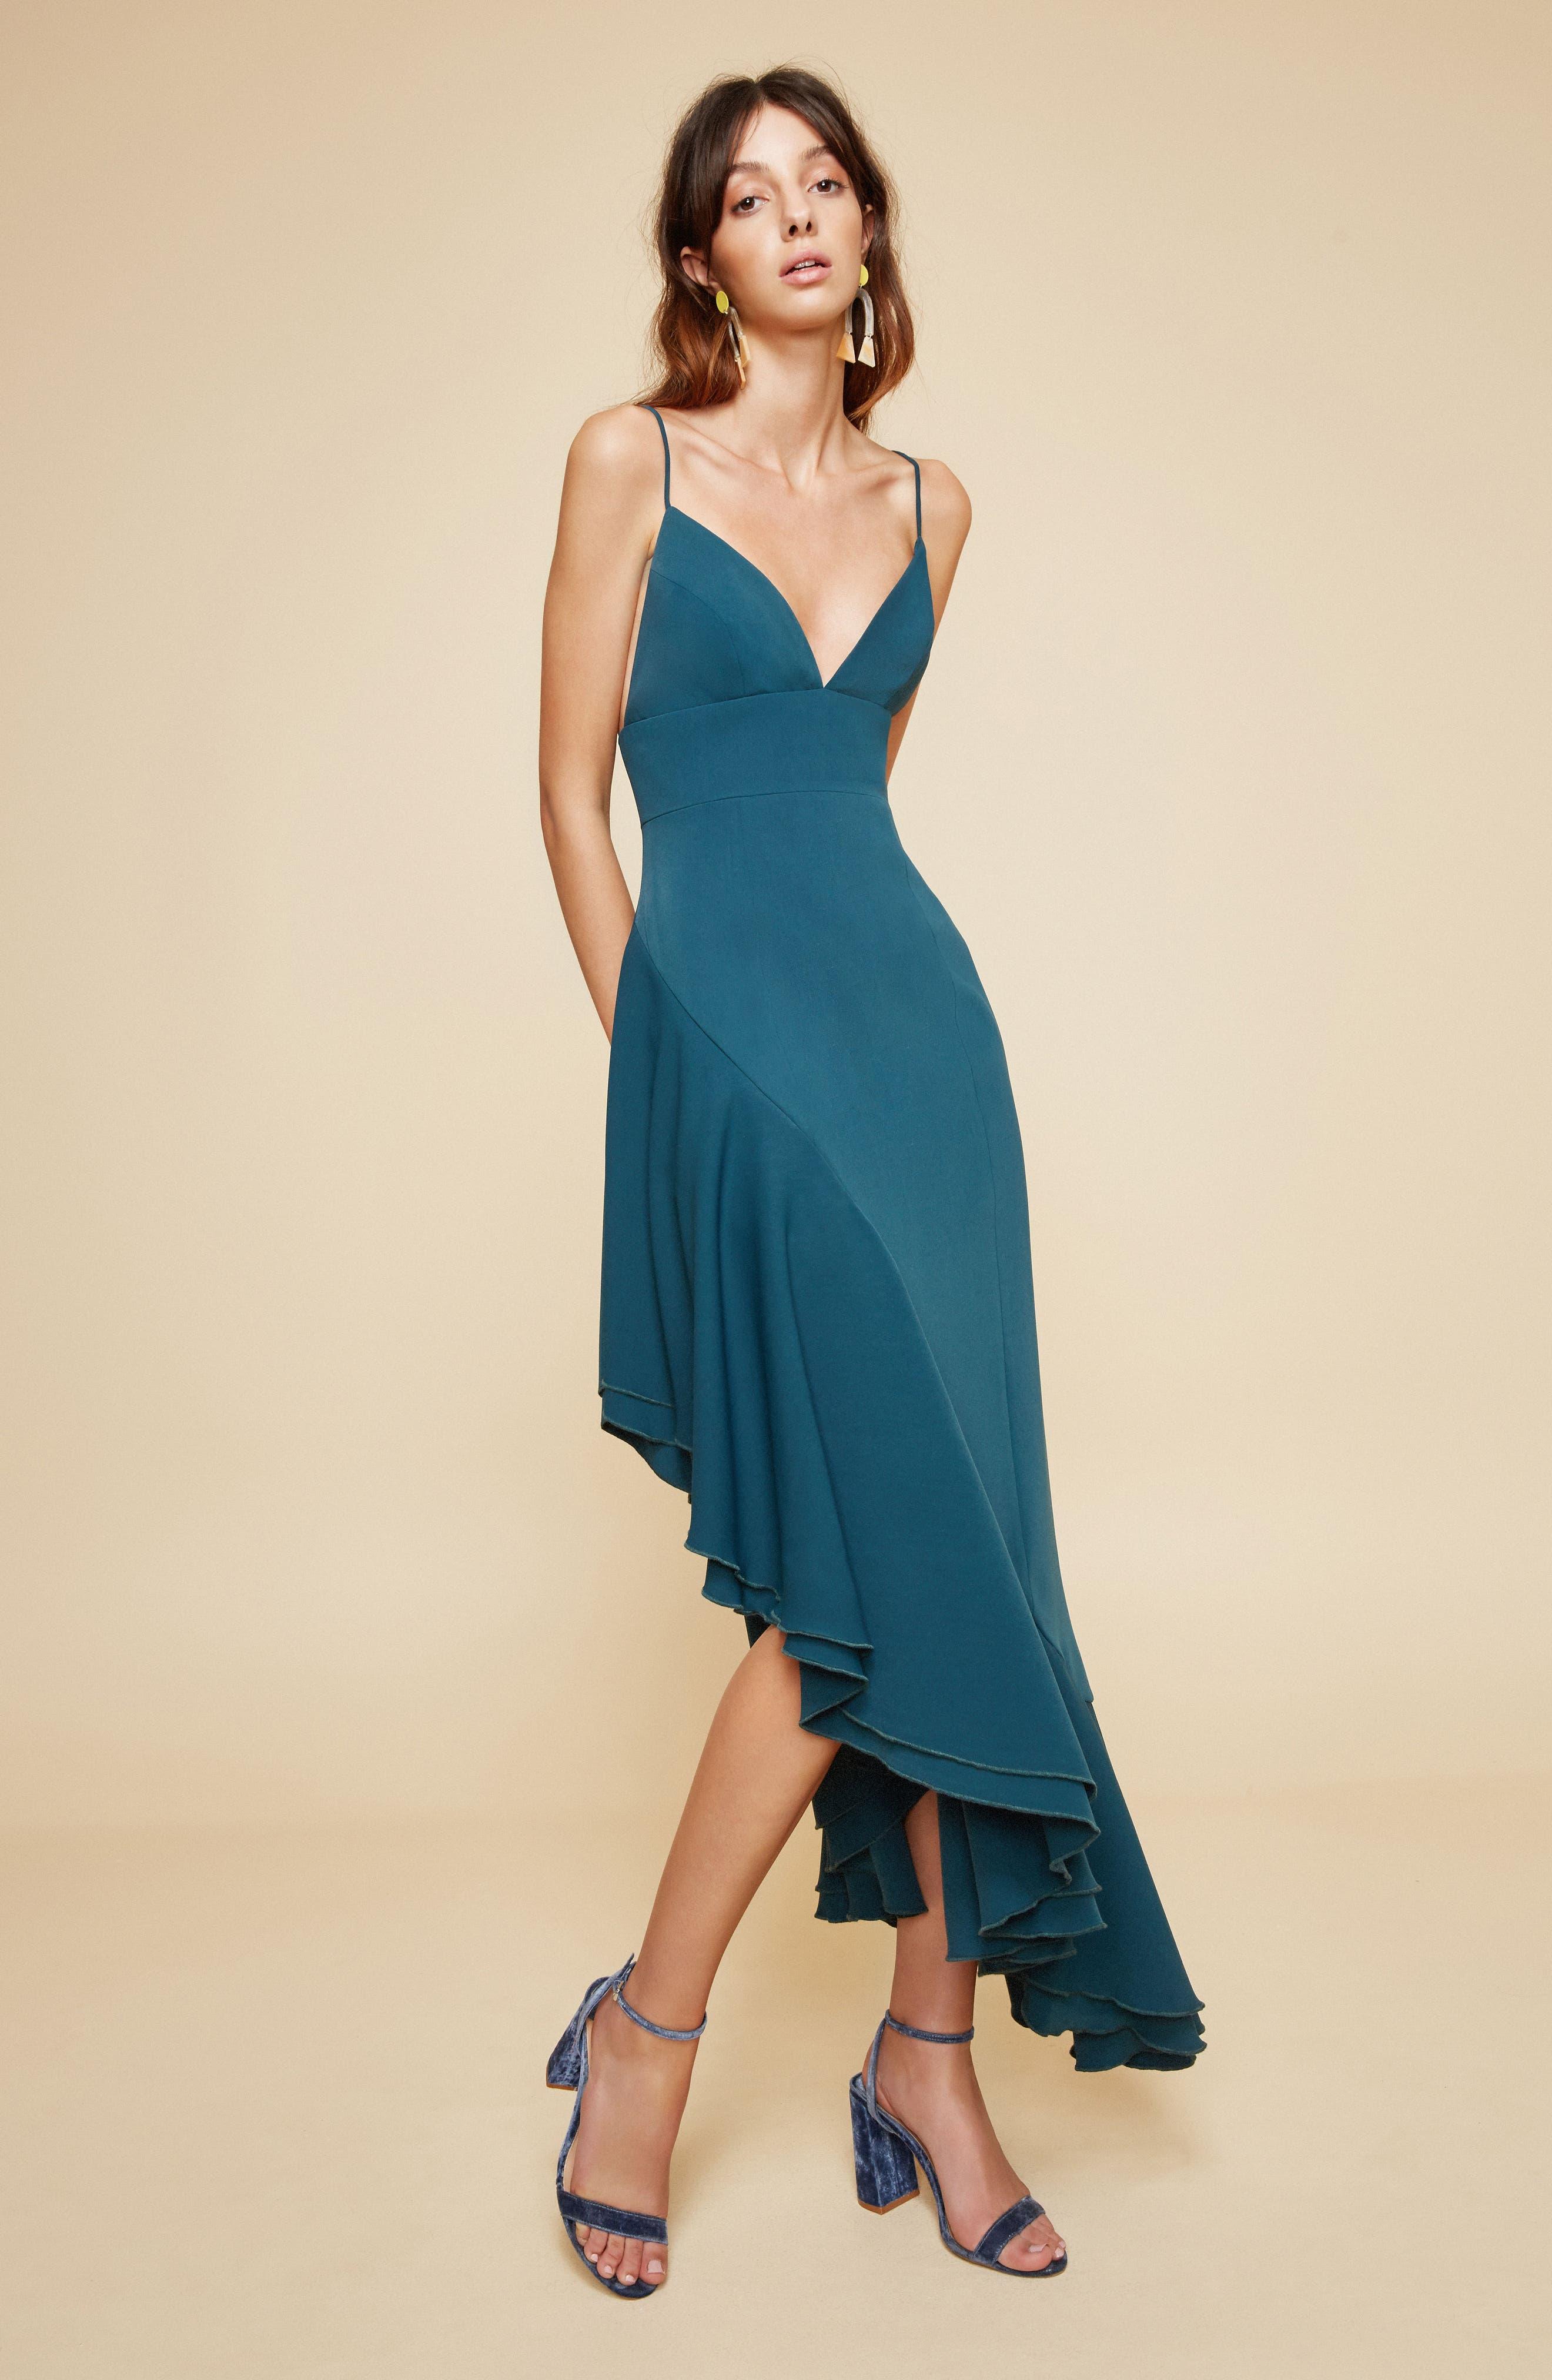 Temptation Asymmetrical Gown,                             Alternate thumbnail 7, color,                             300